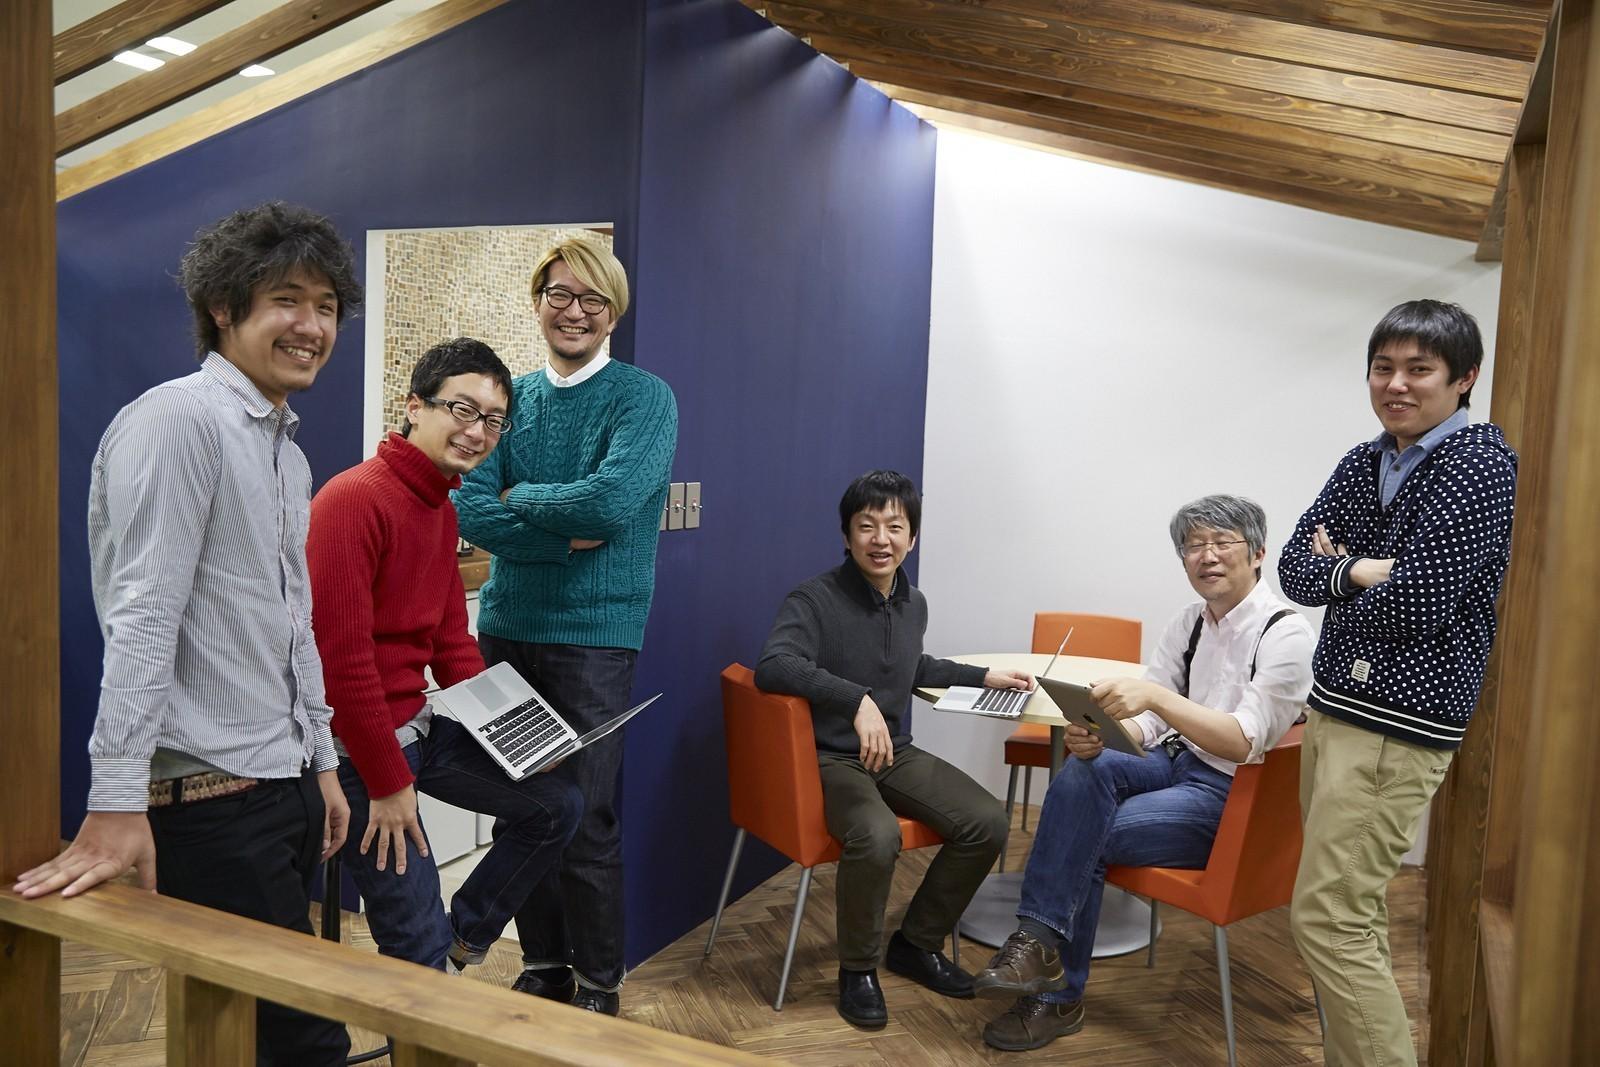 株式会社ネクスト・「HOME'S」のネクストが仕掛ける新規プロダクトのプロトタイプ構築を担当するWebエンジニアを募集!